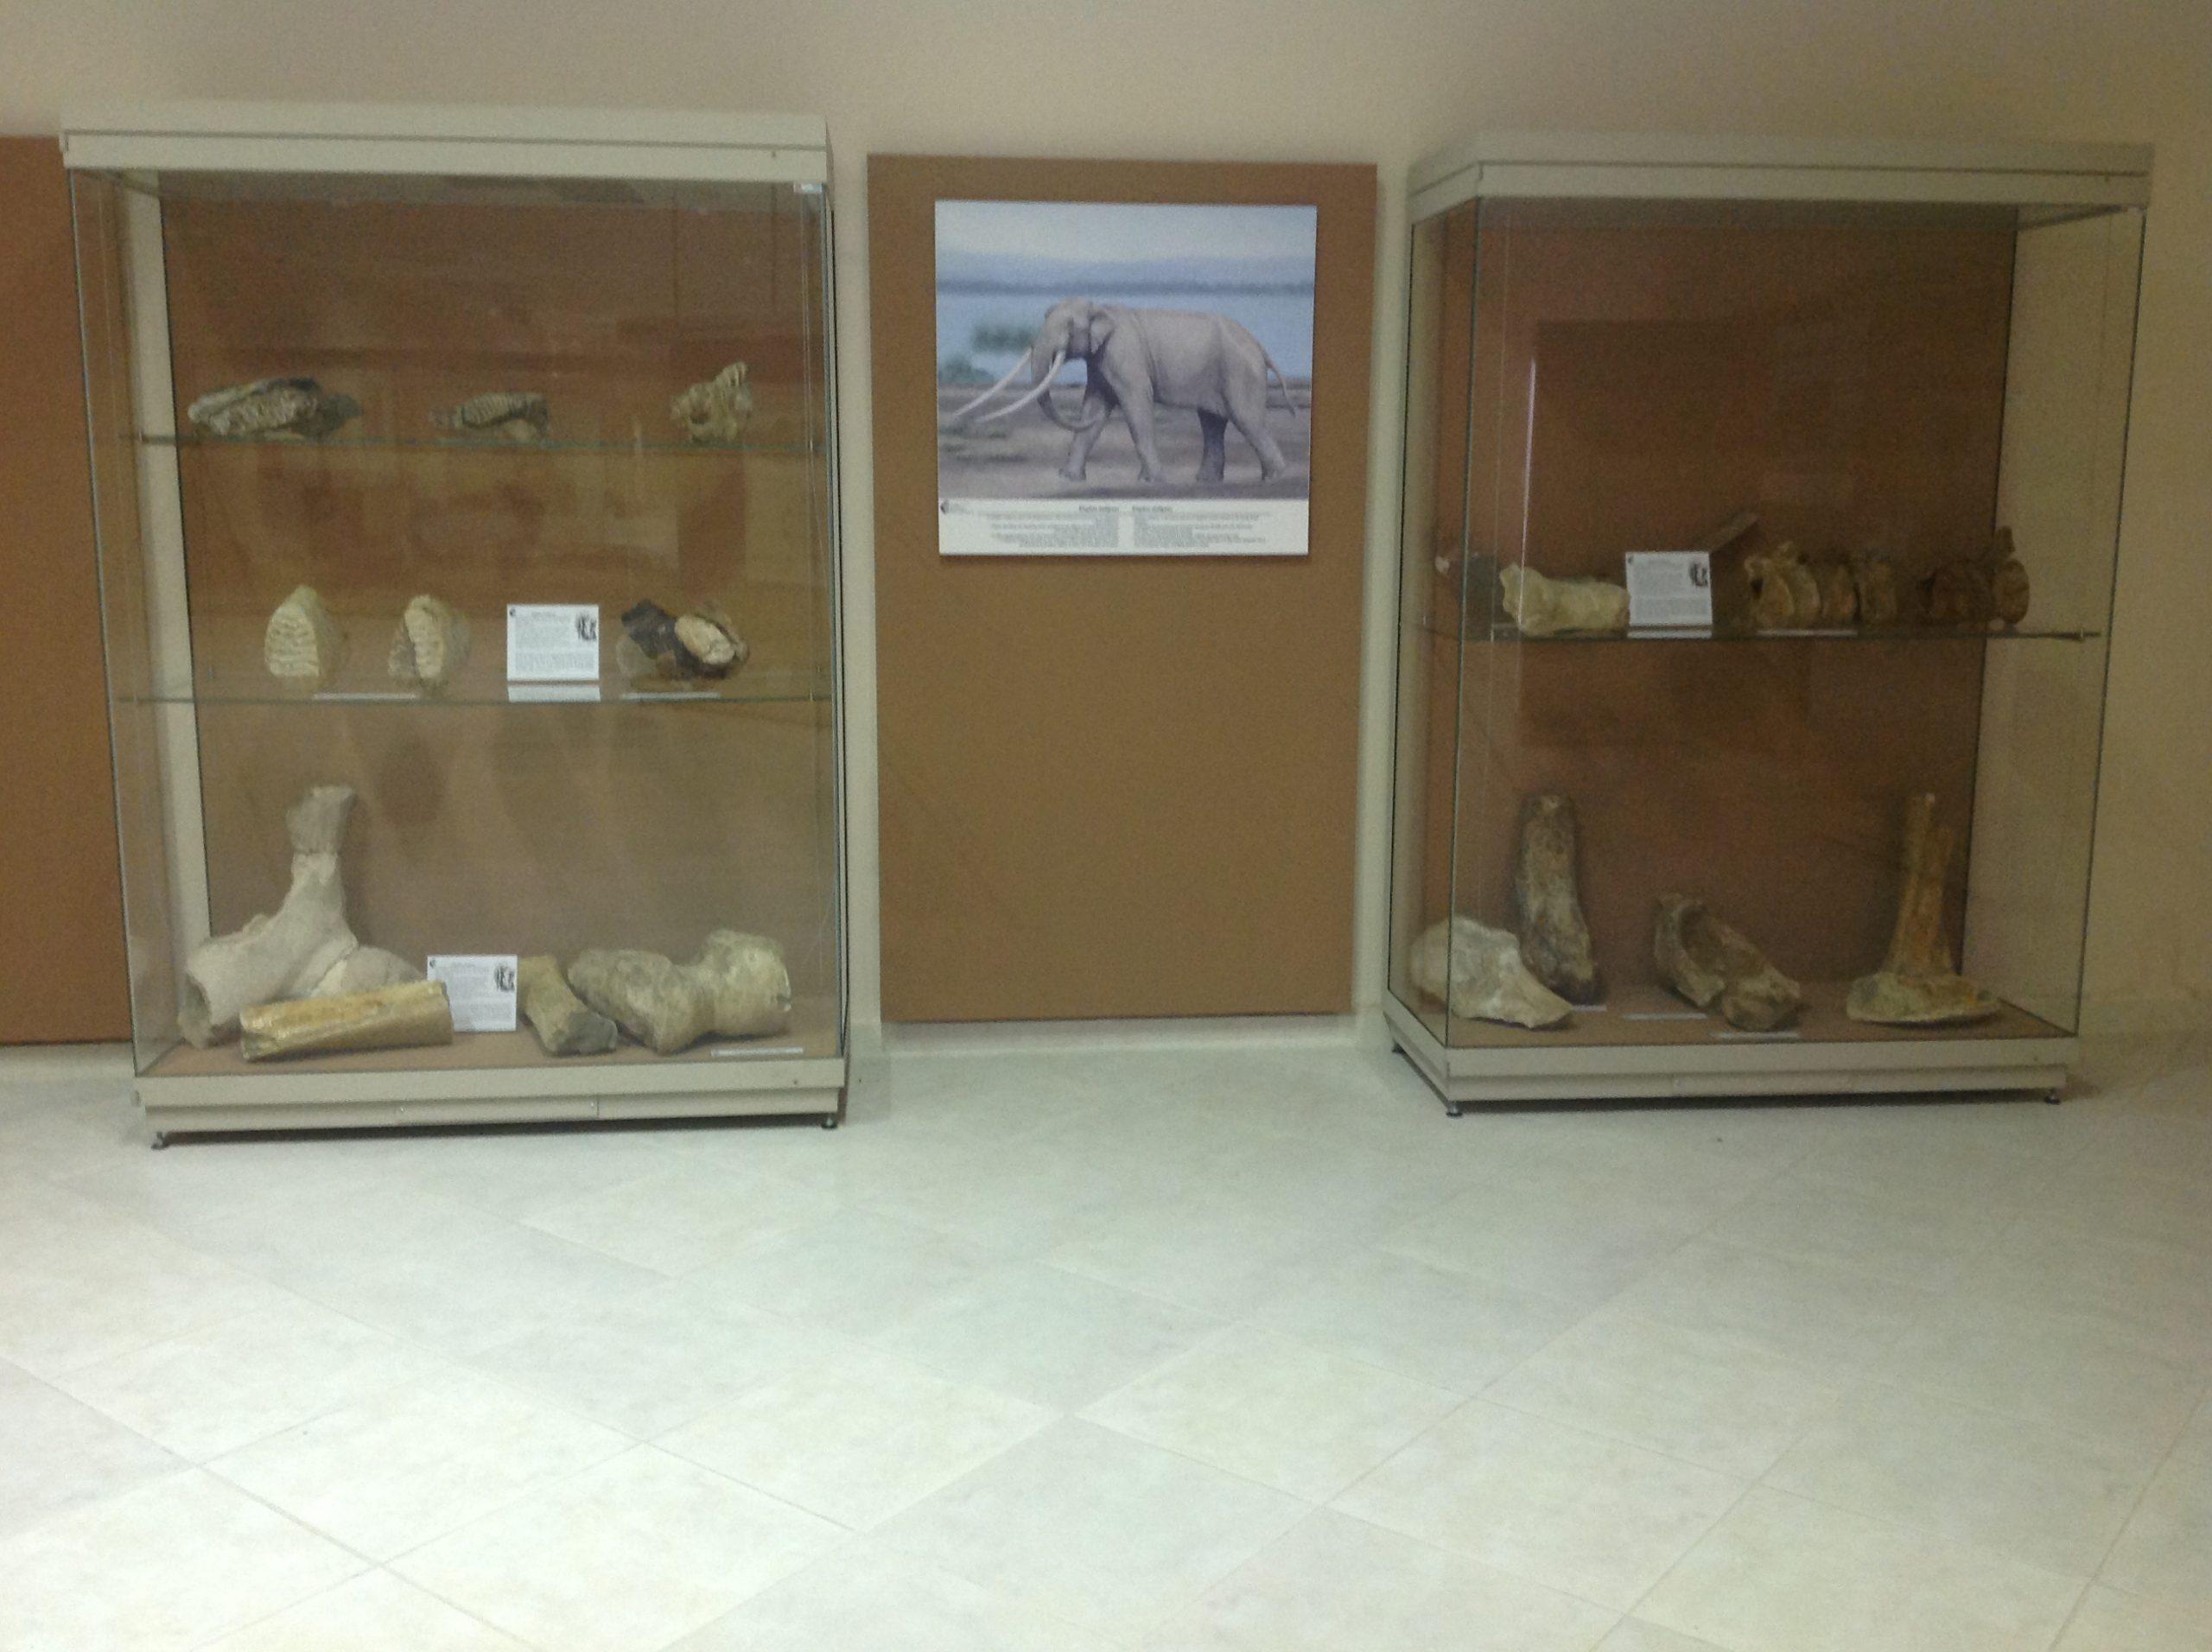 Παλαιοντολογικά εκθέματα © Ιστορικό-Παλαιοντολογικό Μουσείο Πτολεμαϊδας